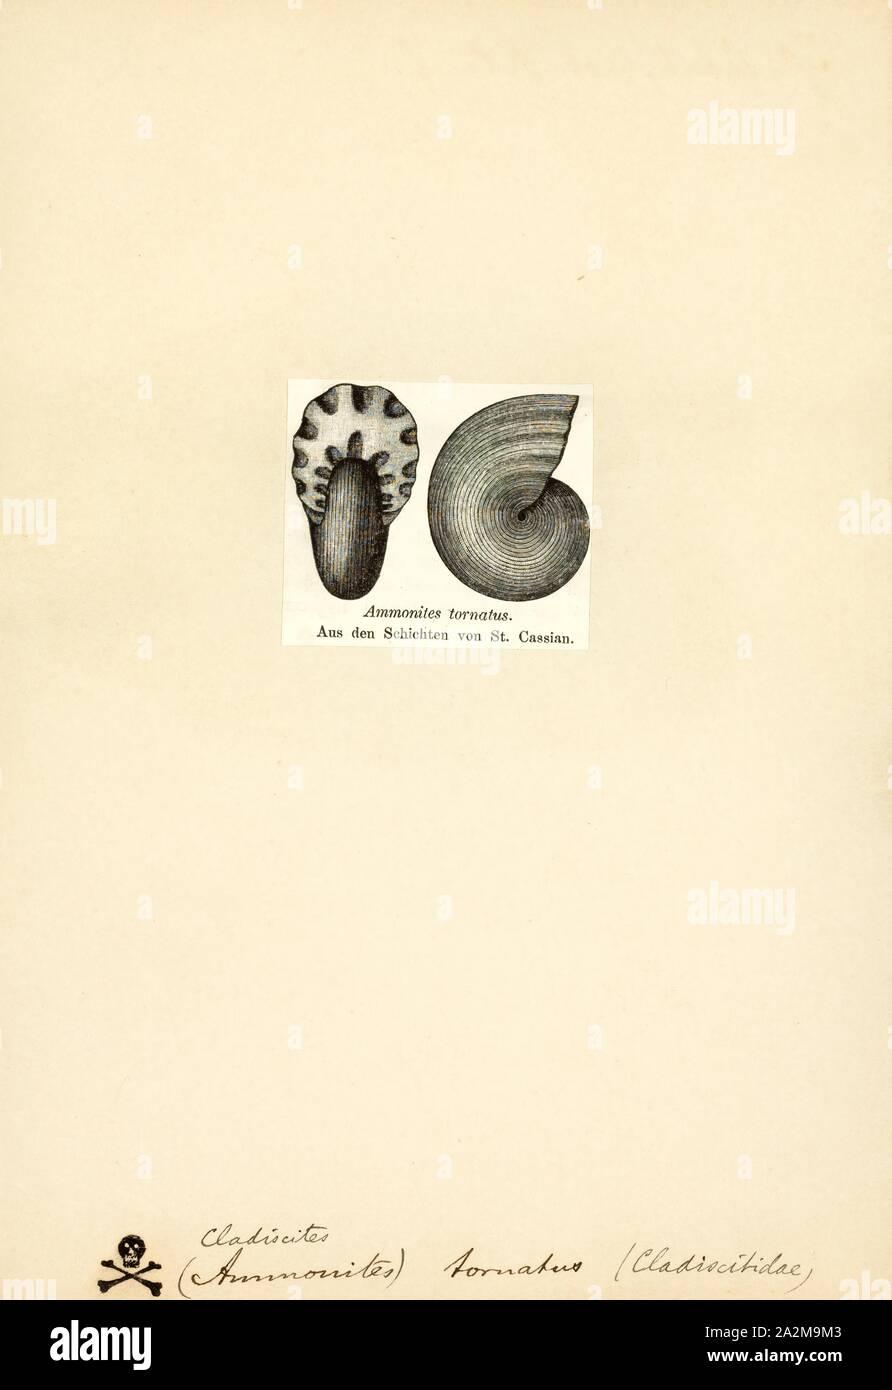 Cladiscites, stampa Cladiscites è un genere estinto di cefalopodi in ordine ammonoid Ceratitida. Questi nektonic carnivori visse durante il Triassico, da Carniche di età retica Foto Stock